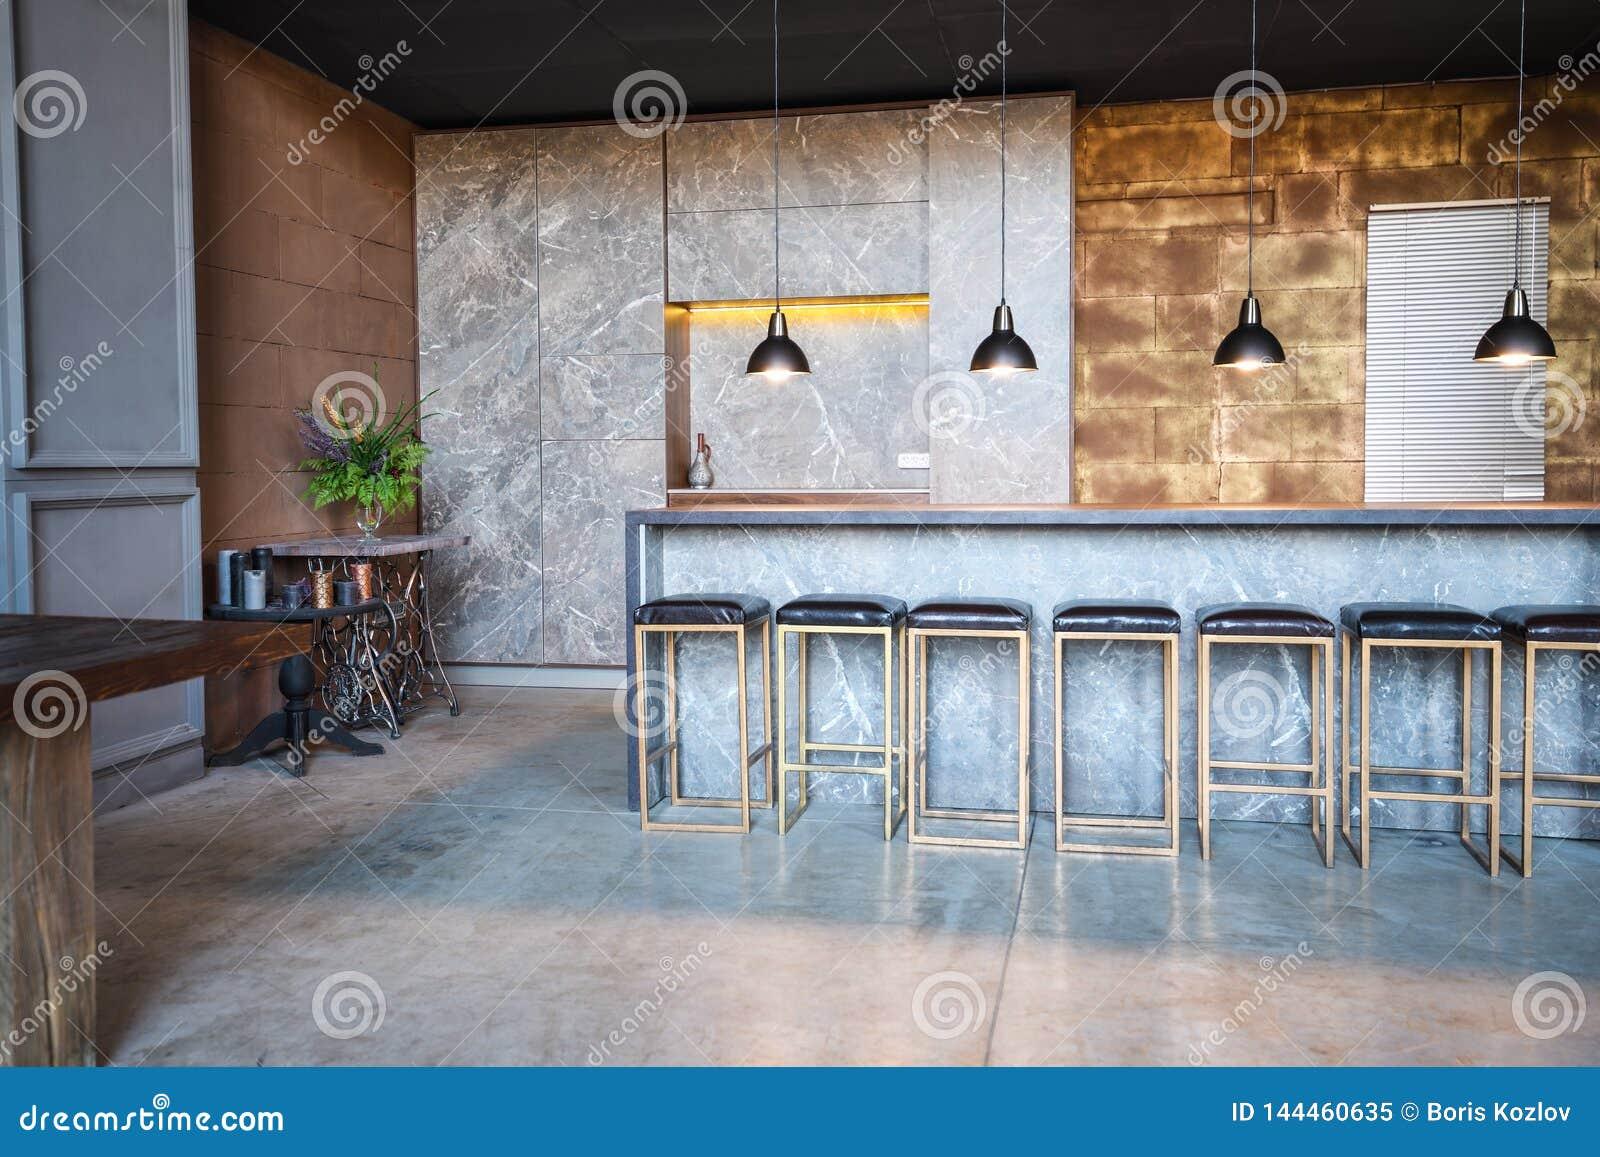 Промышленный стиль бара просторной квартиры Комната имеет много стулья на баре, 4 свисая лампы